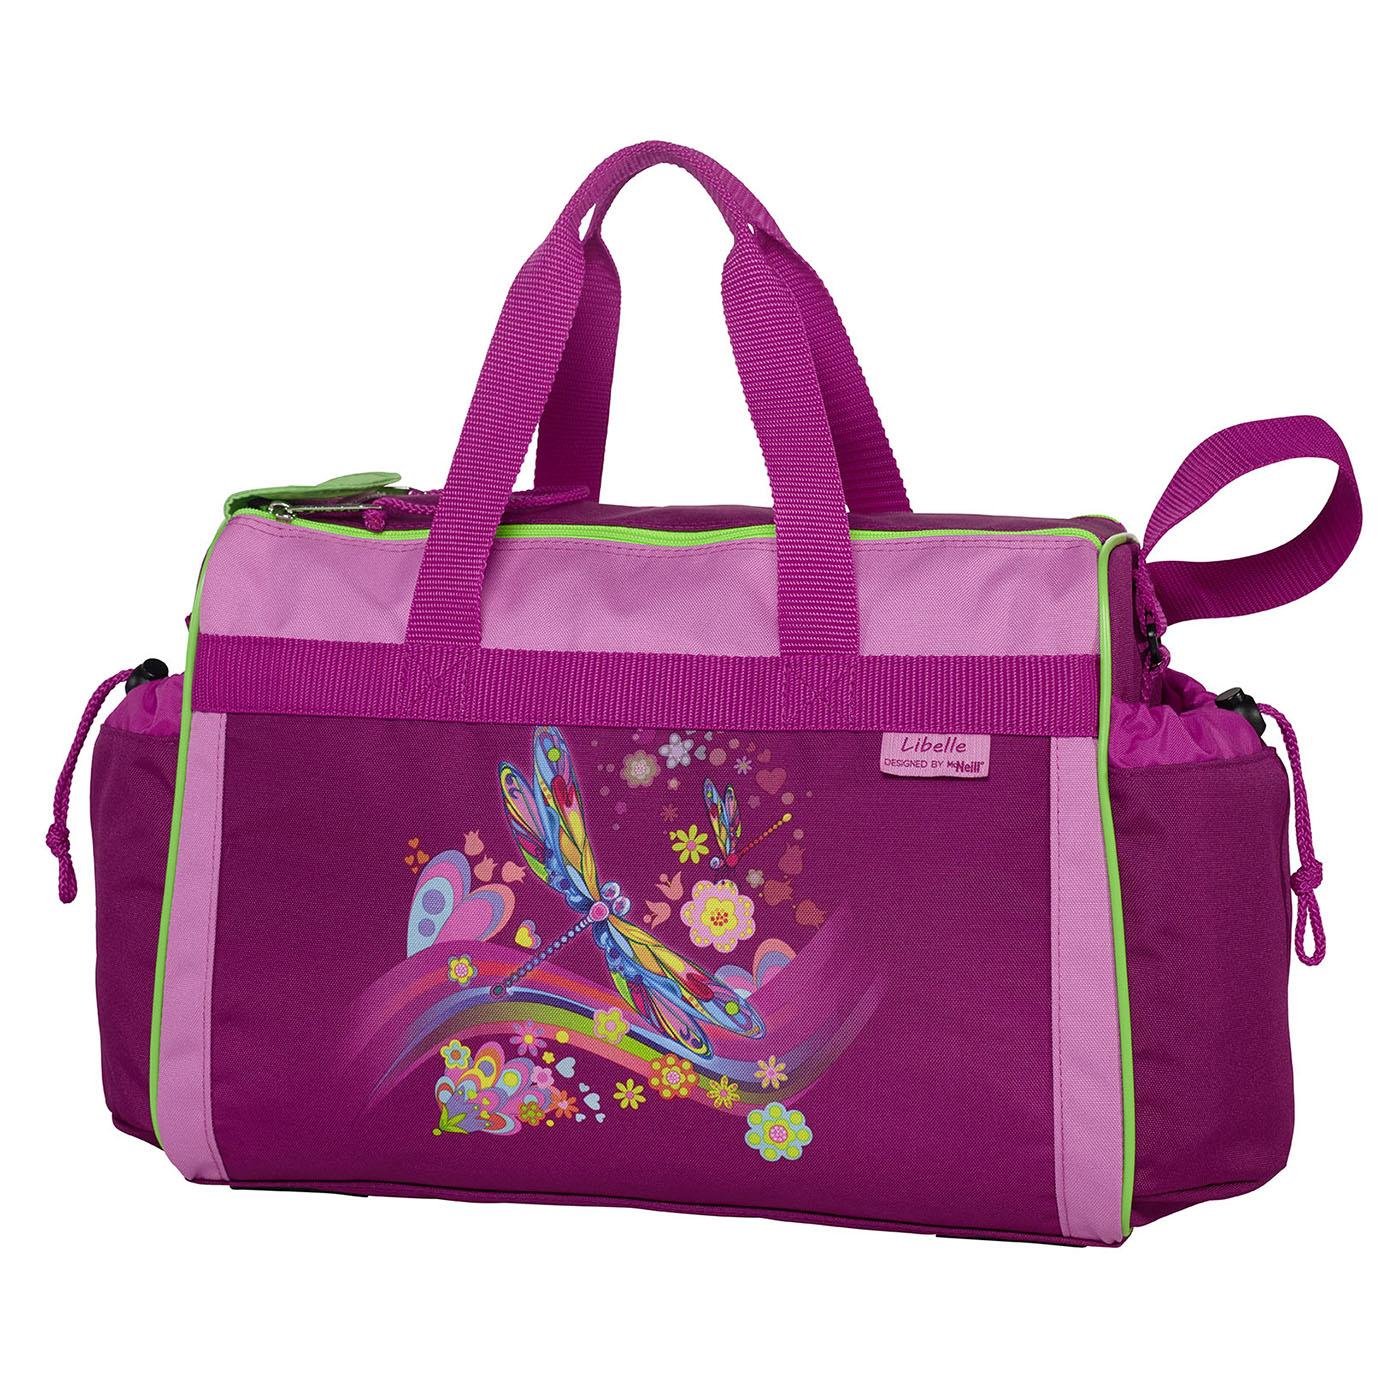 McNeill Sporttasche für Jungs und Mädchen (in je 22 verschiedene Farben!) für nur 14,44€ inkl. VK